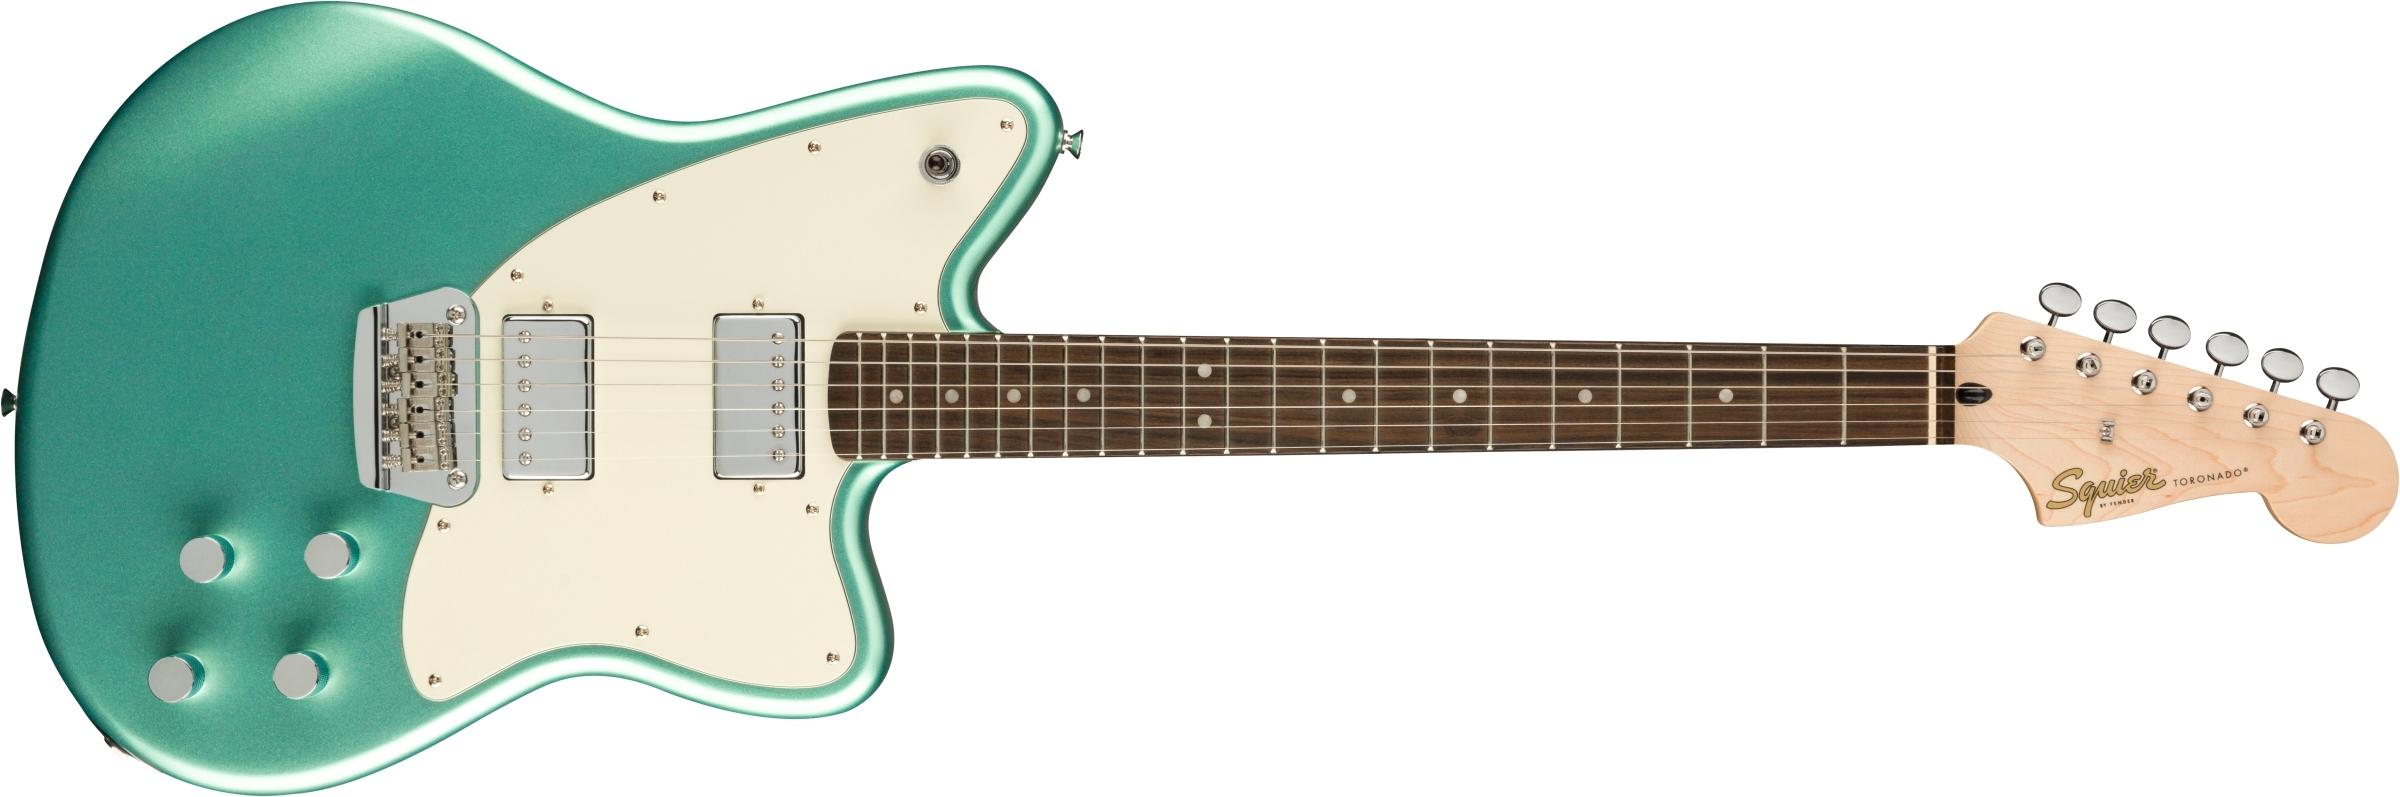 ギターを弾いている  自動的に生成された説明